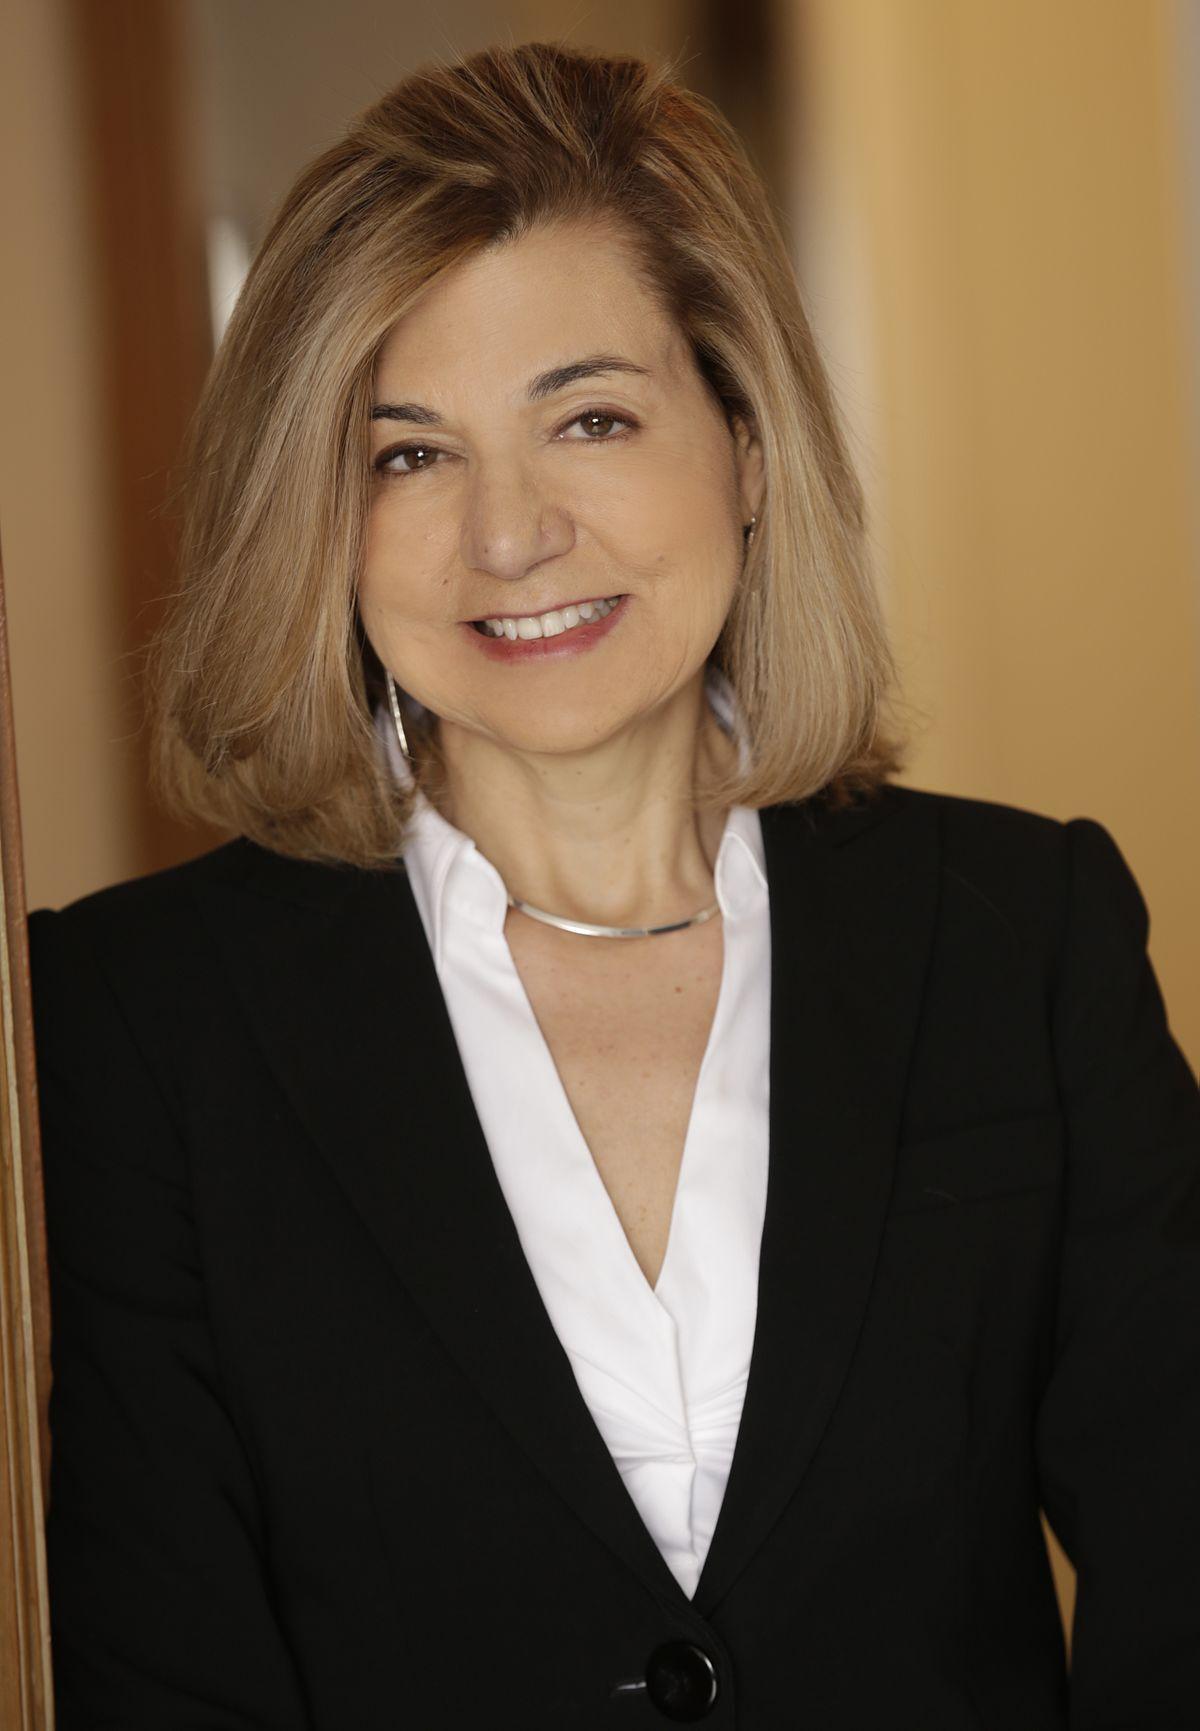 Margaret Sullivan Journalist Wikipedia